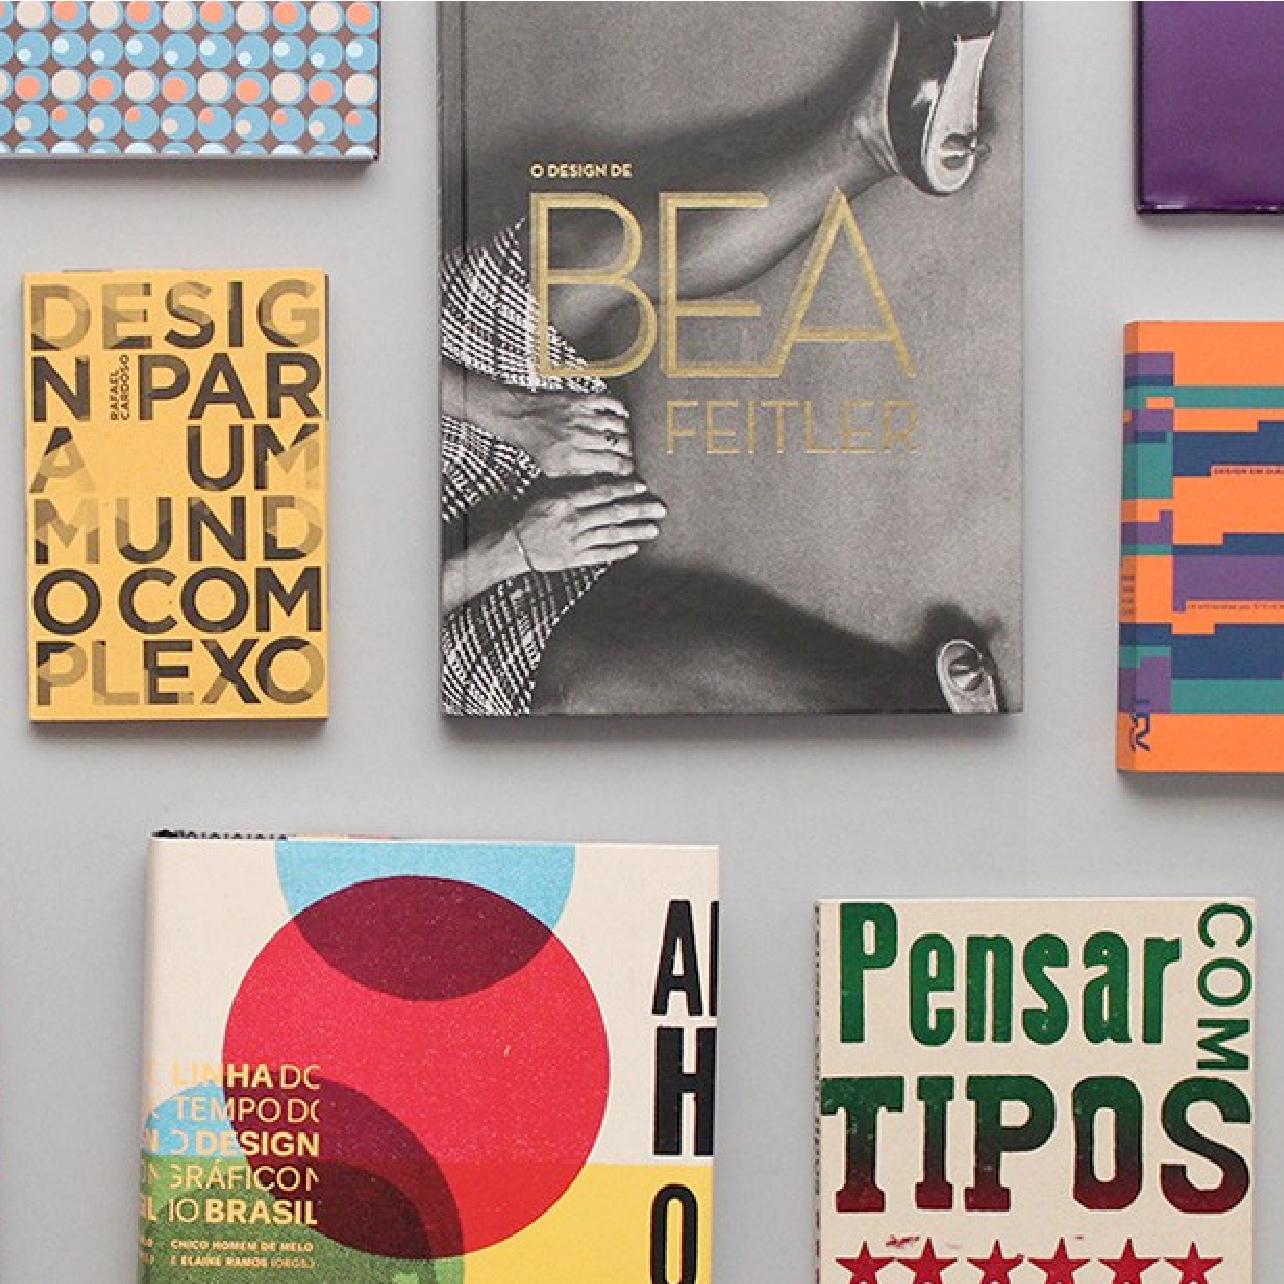 design-livro-ficcao-empatia